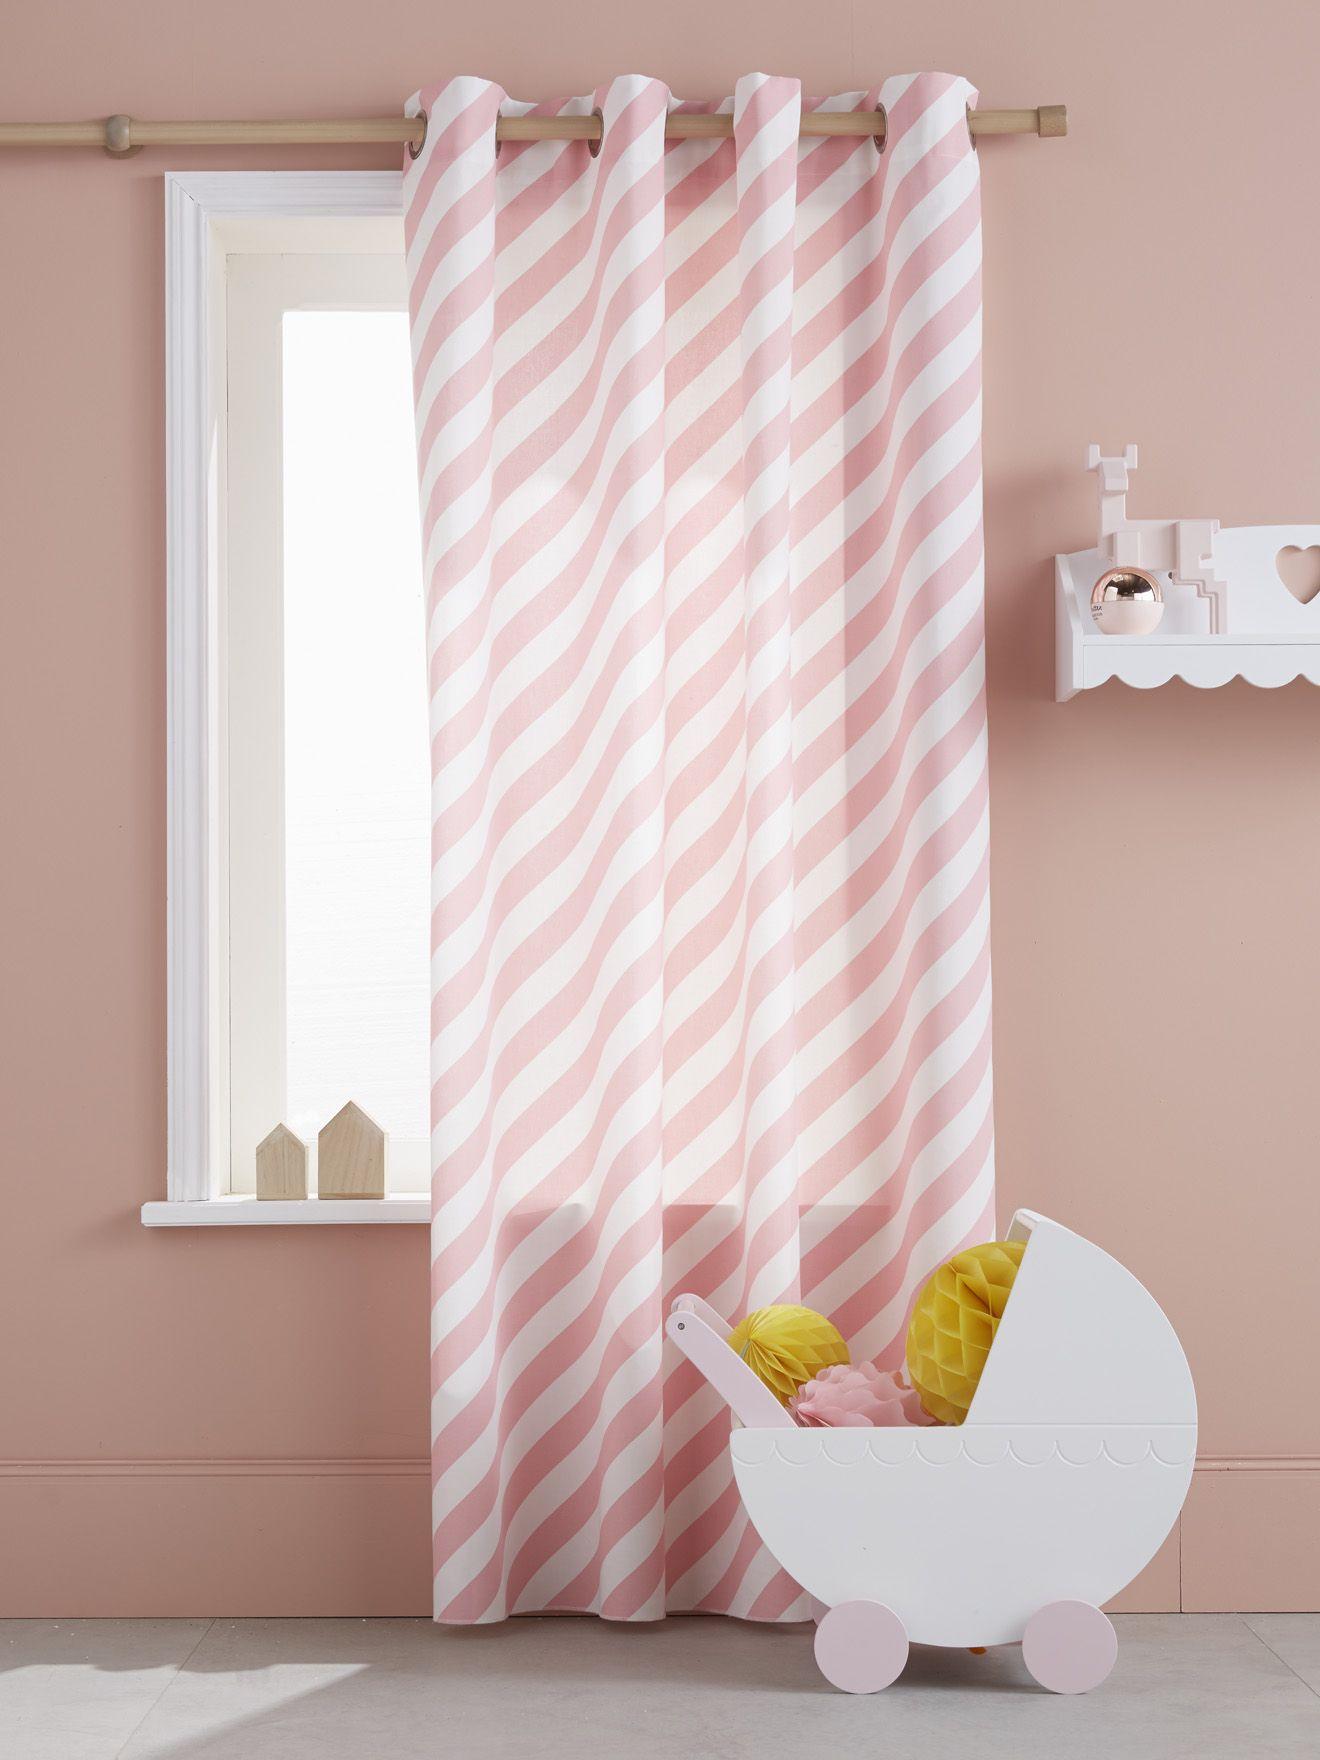 Un rideau enfant de qualité proposé en version rayée aux coloris ...